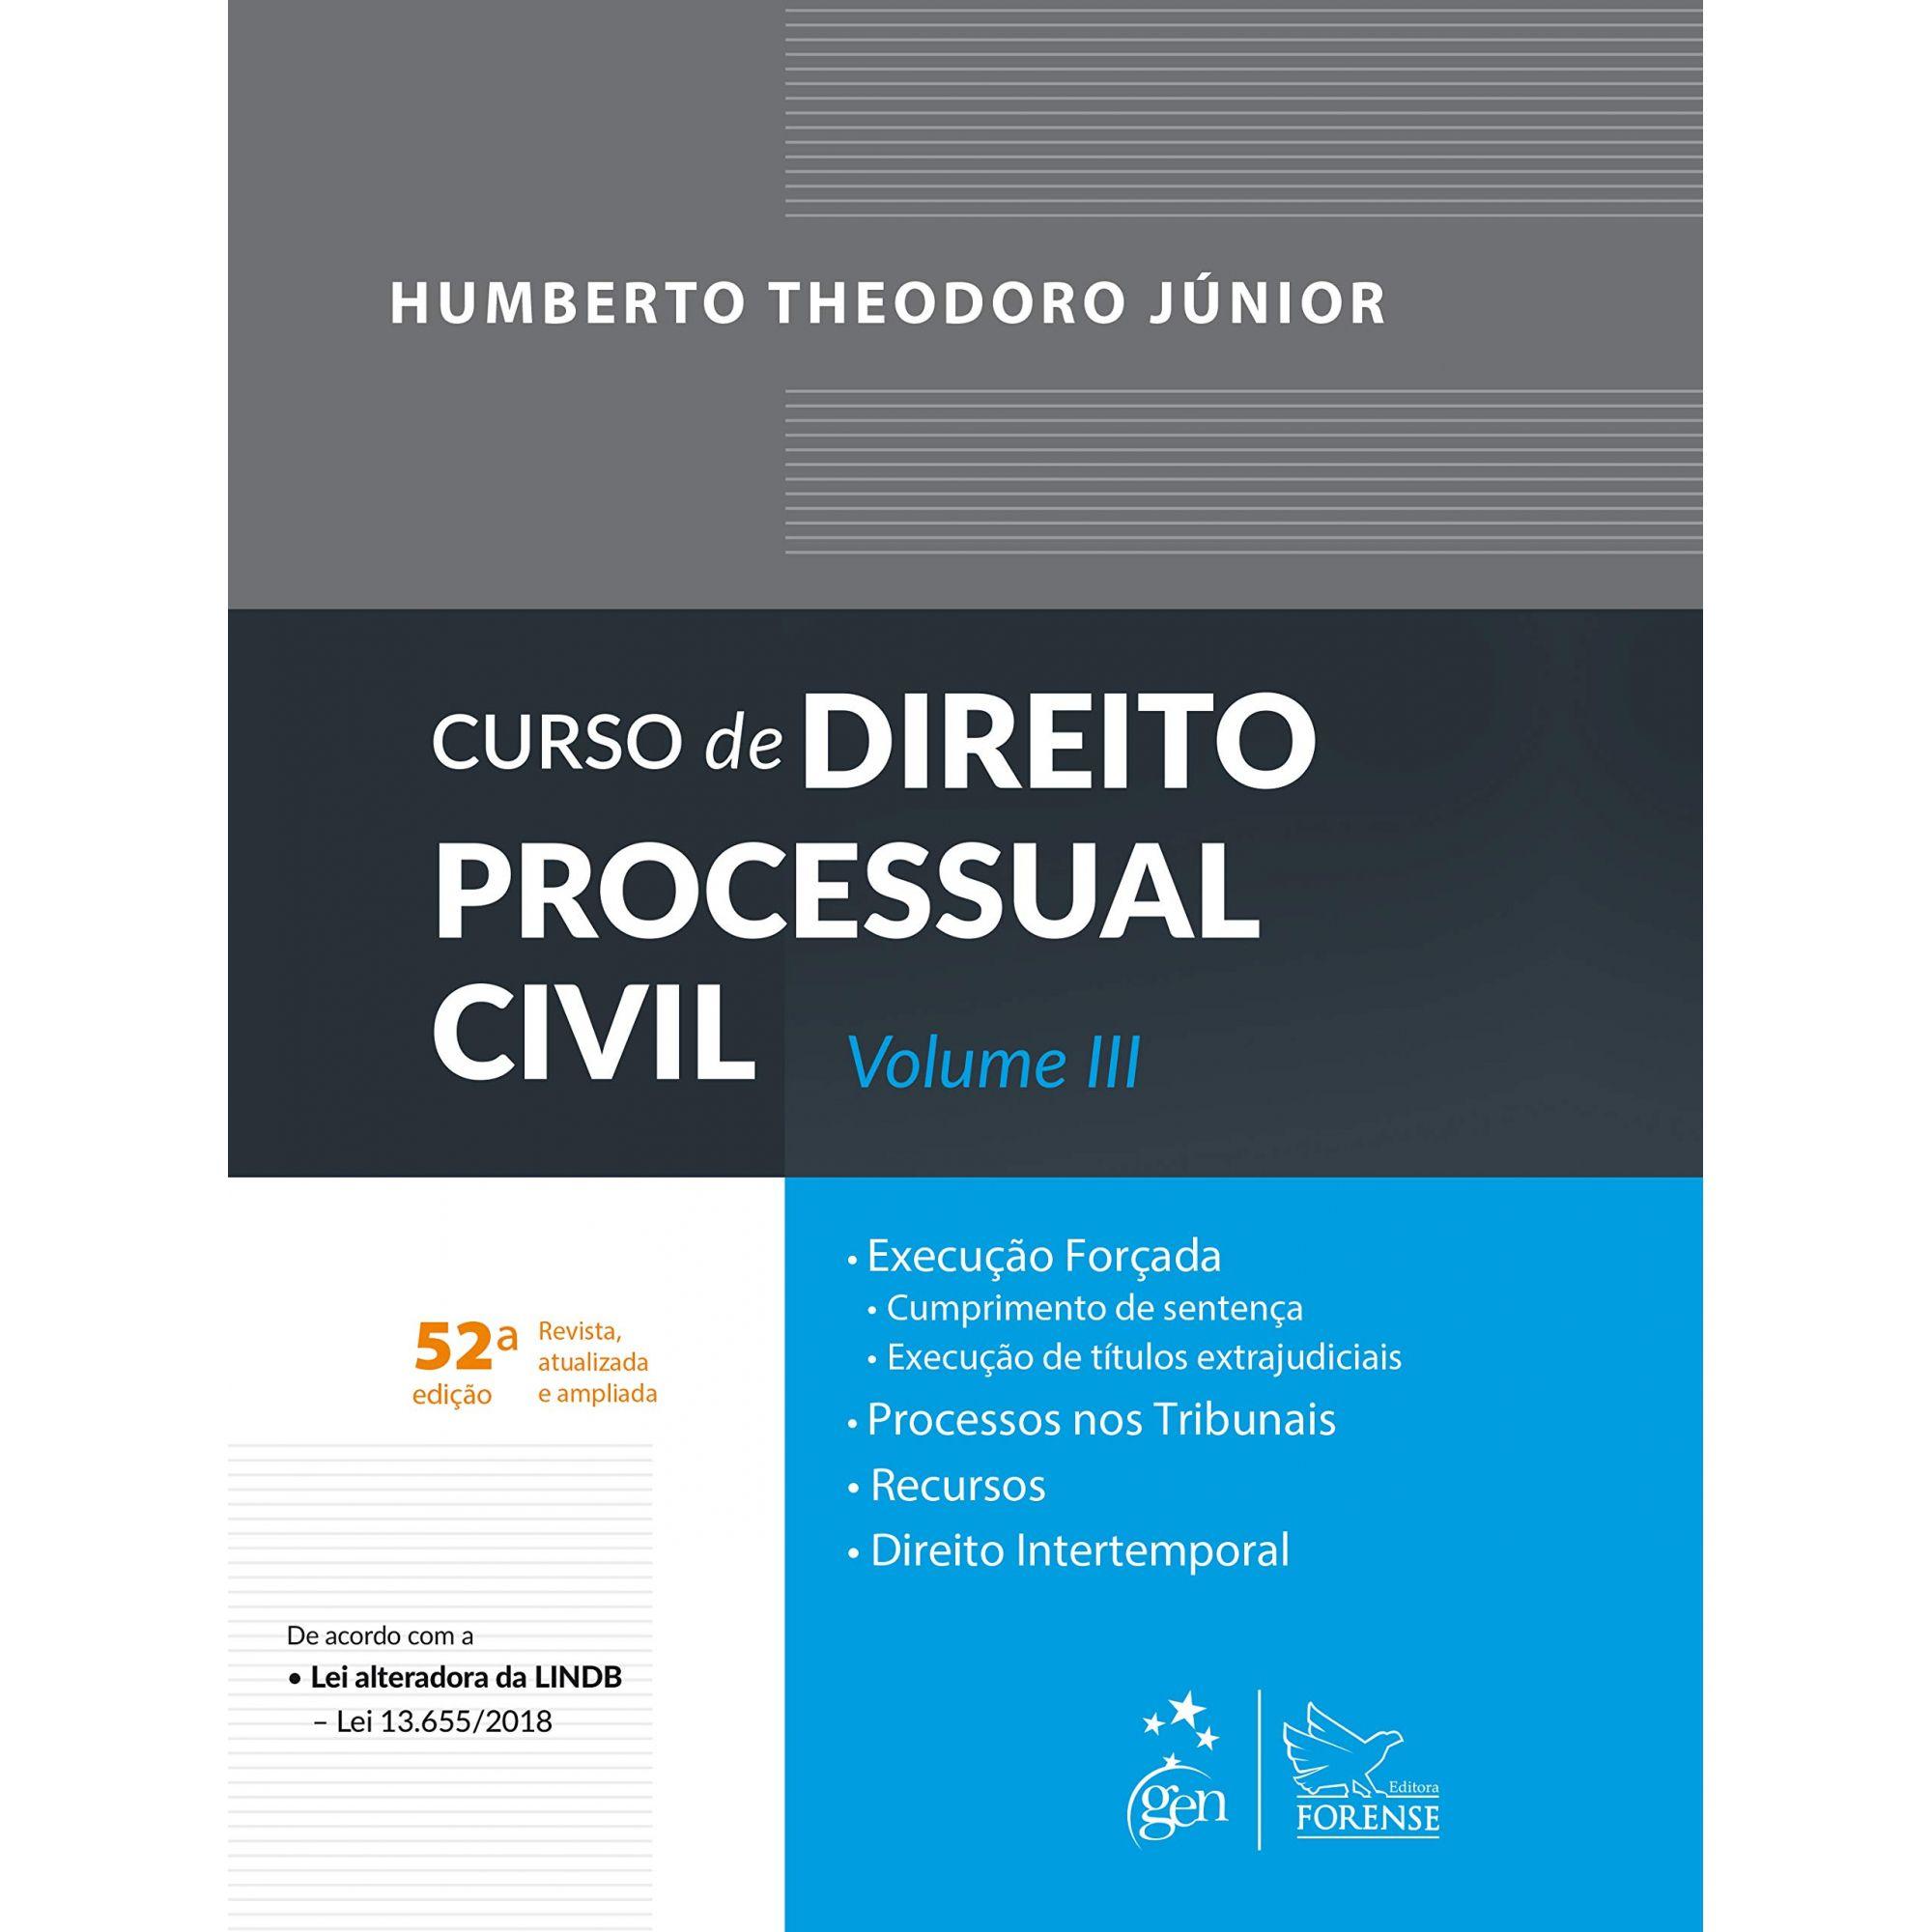 Curso de Direito Processual Civil - Vol. III - 52ª Edição